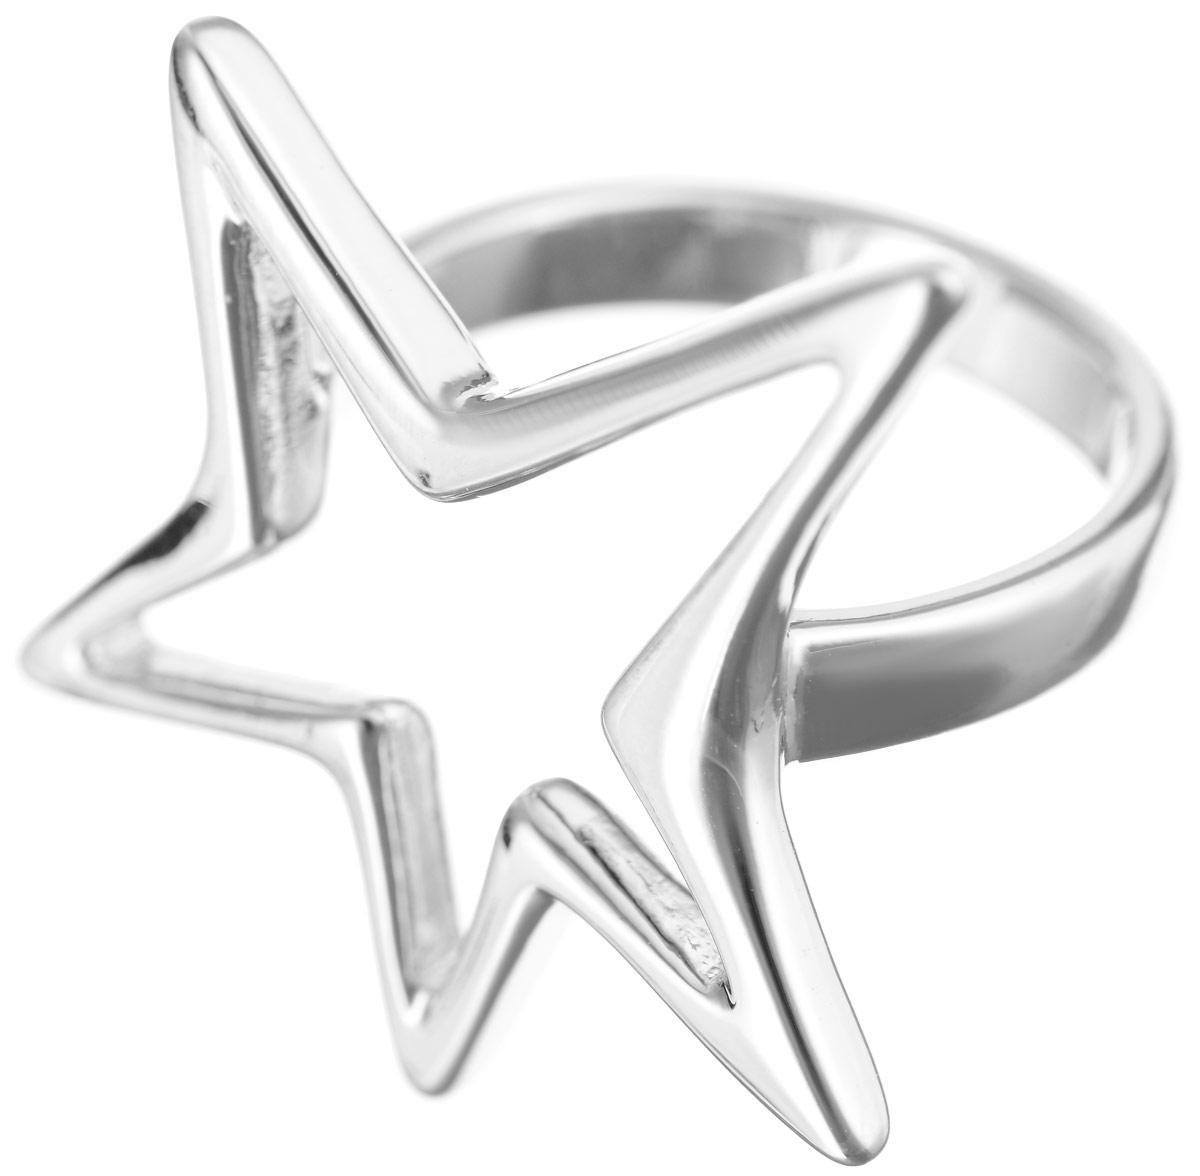 Кольцо Jenavi Celebrity. Целена, цвет: серебряный. e064f090. Размер 17e064f090Кольцо Jenavi Целена из коллекции Celebrity изготовлено из гипоаллергенного ювелирного сплава с покрытием родием в виде маленькой изящной звезды. Очарованию этого аксессуара невозможно противостоять. Это кольцо станет прекрасным аксессуаром для современной модницы, которая любит демонстрировать передовые взгляды и надевать самые актуальные украшения.